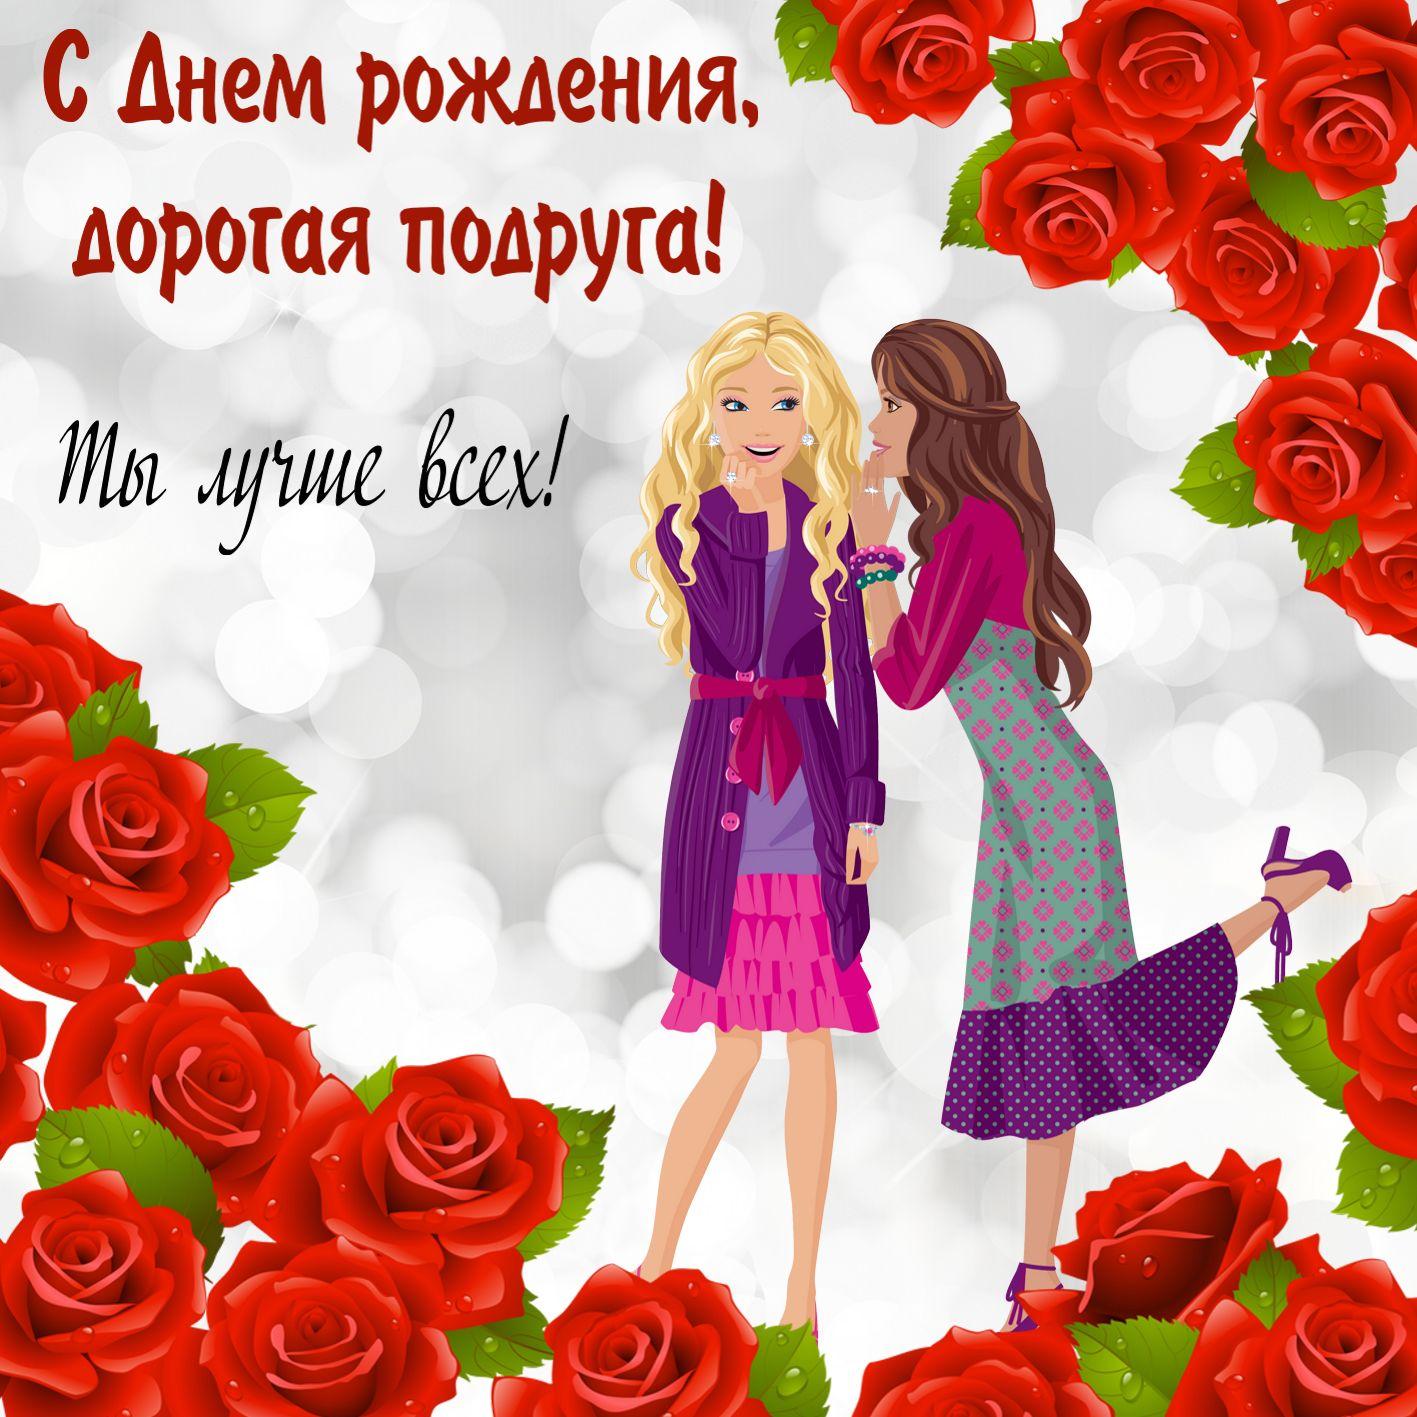 Поздравления на открытку подруге